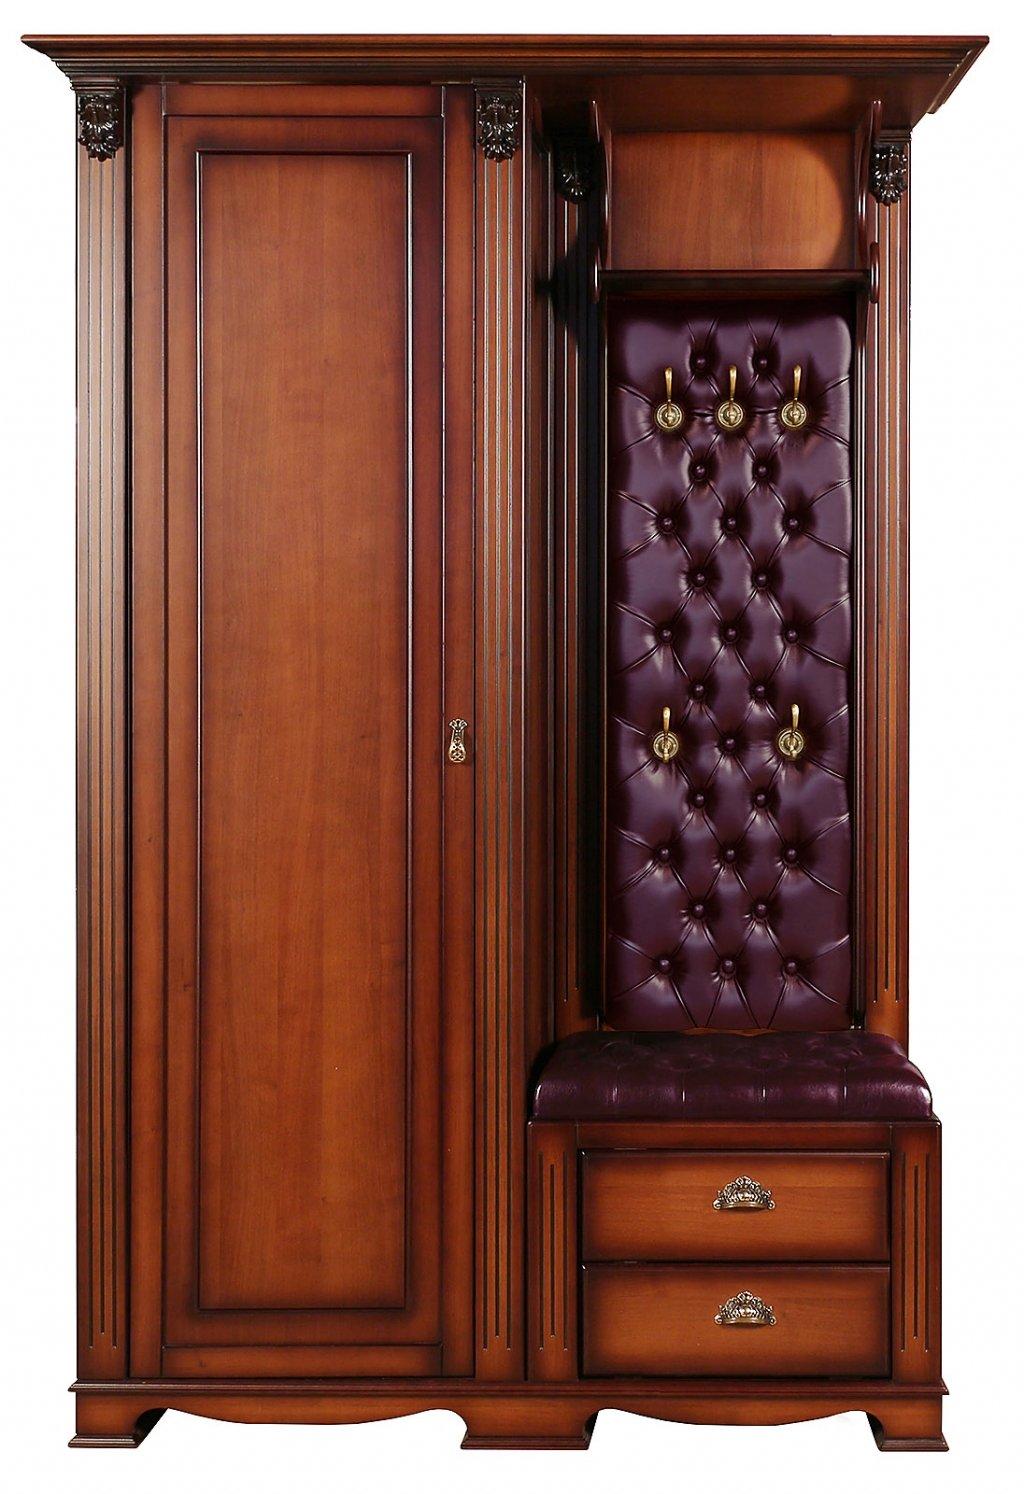 Прихожая Лувр с одностворчатым шкафом, вешалкой и банкеткой с двумя выдвижными ящиками EL7525L Or Bordo